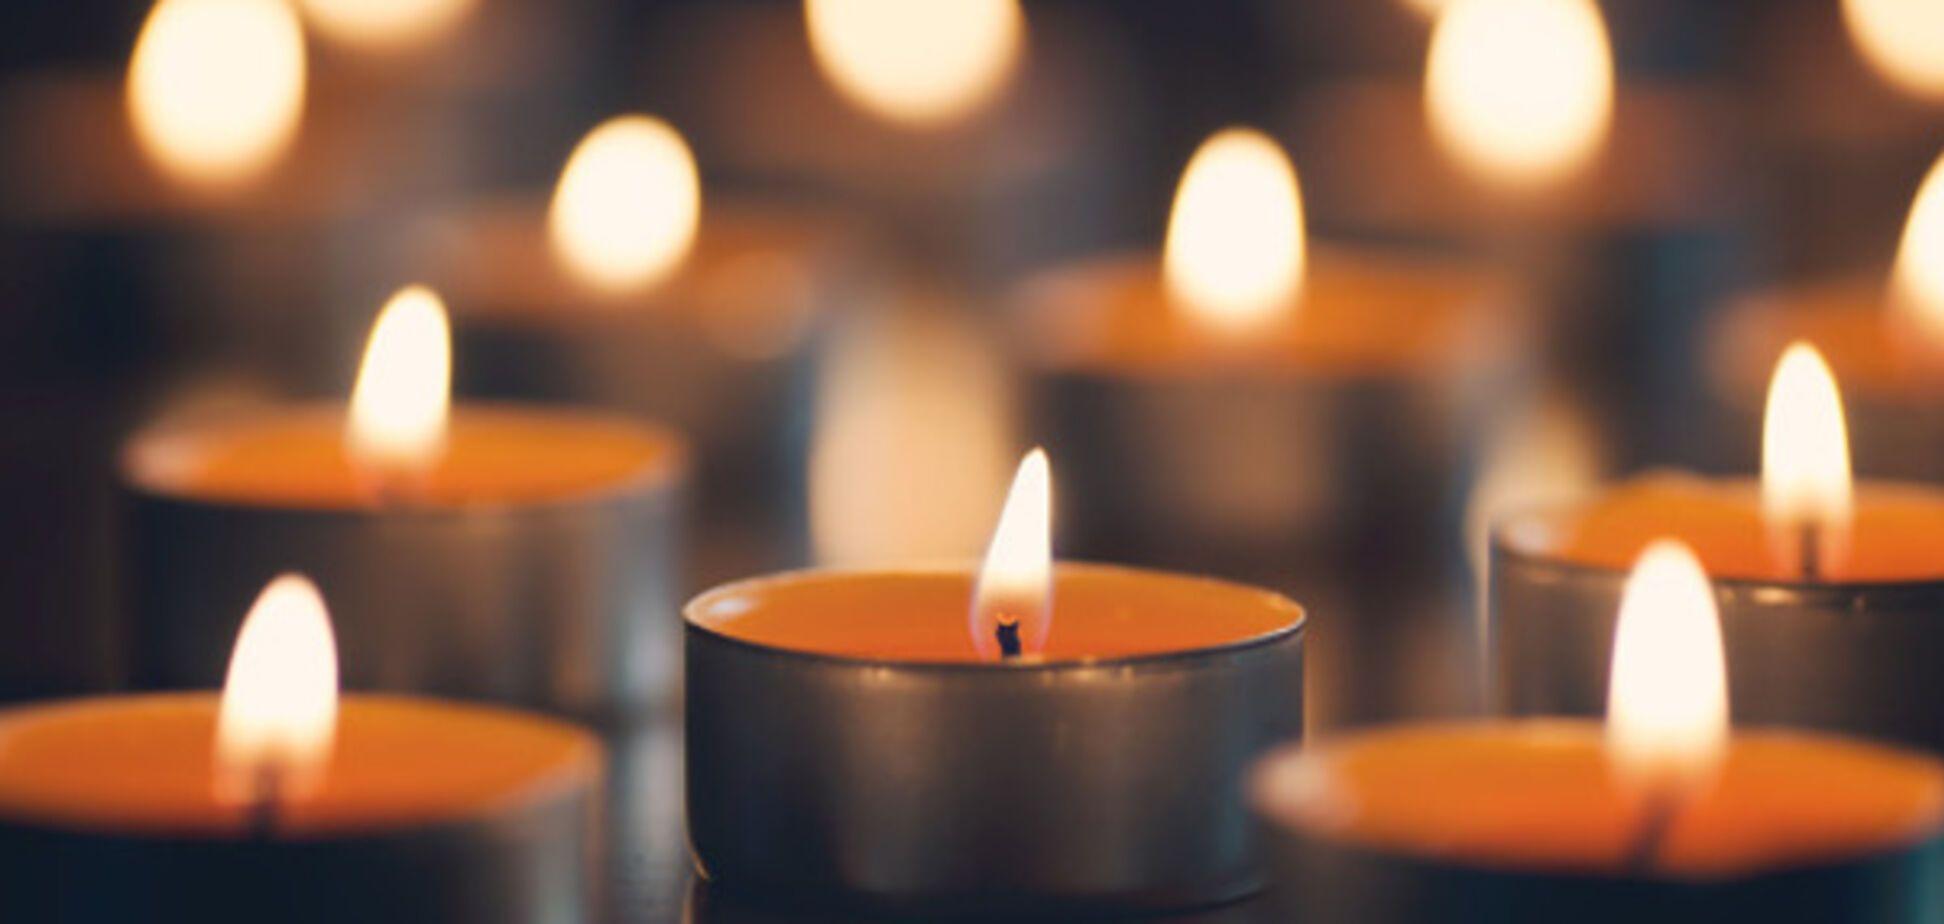 похоронные свечи